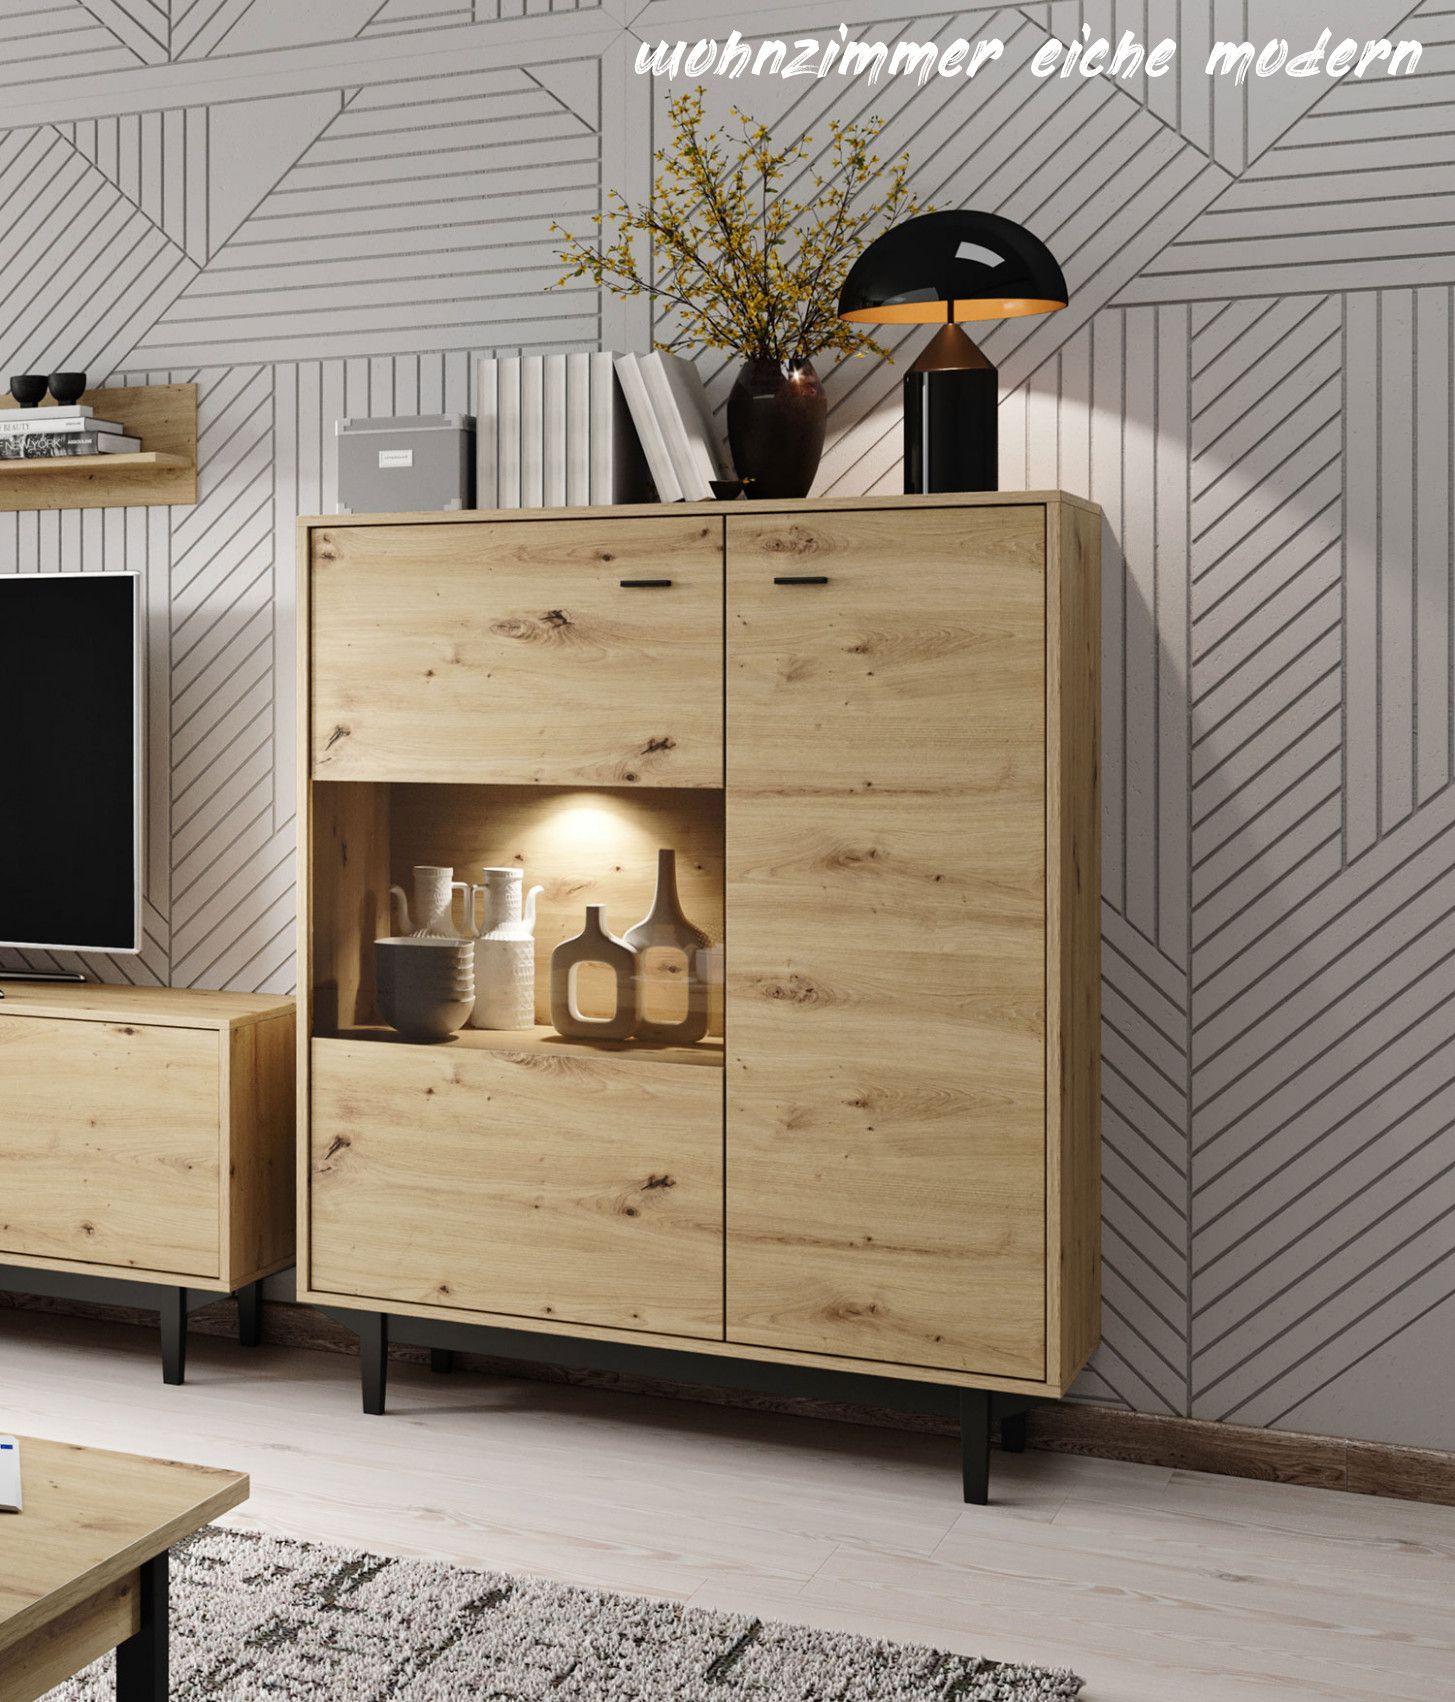 7 Wohnzimmer Eiche Modern In 2020 House Plans Home Room Divider